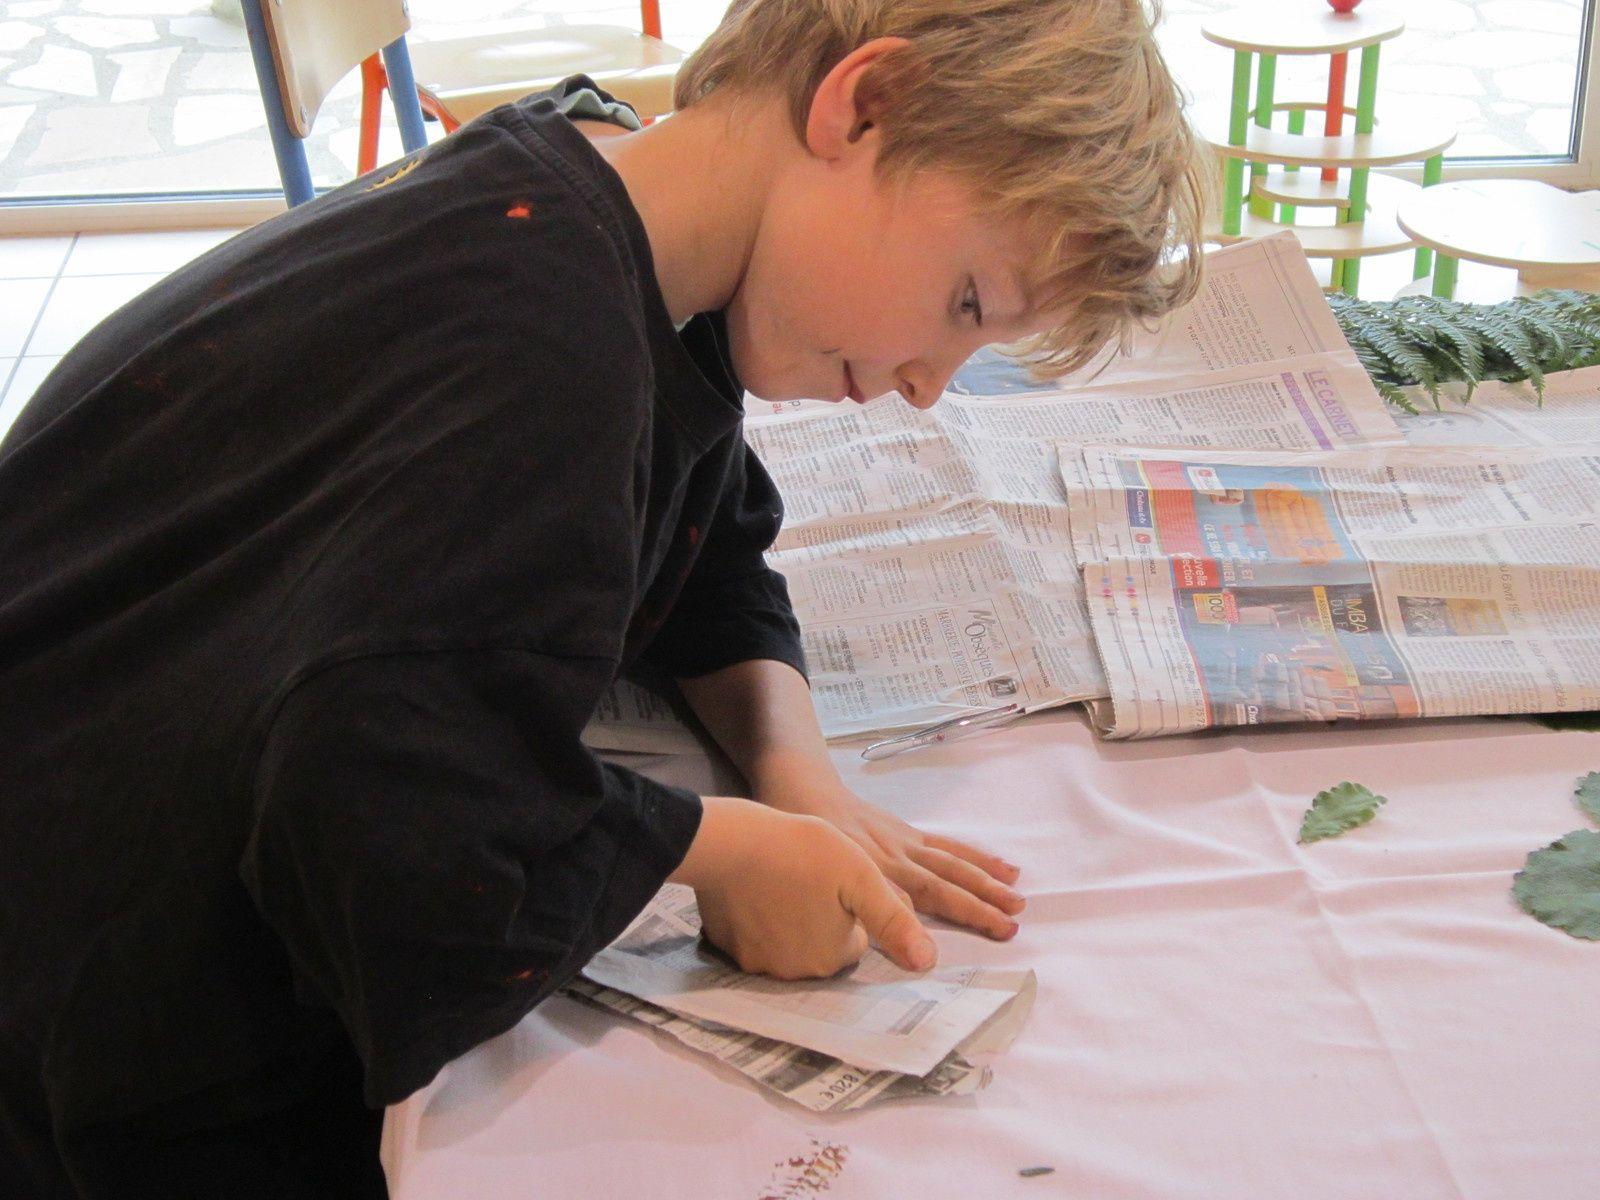 En marge du salon, l'association Arts et Lettres organise des concours autour de la littérature (les résultats seront connus dimanche en fin d'après-midi) et anime également des ateliers pour enfants, au centre de loisirs intercommunal de Fabras. Ici des ateliers de peinture sur tissu avec des végétaux